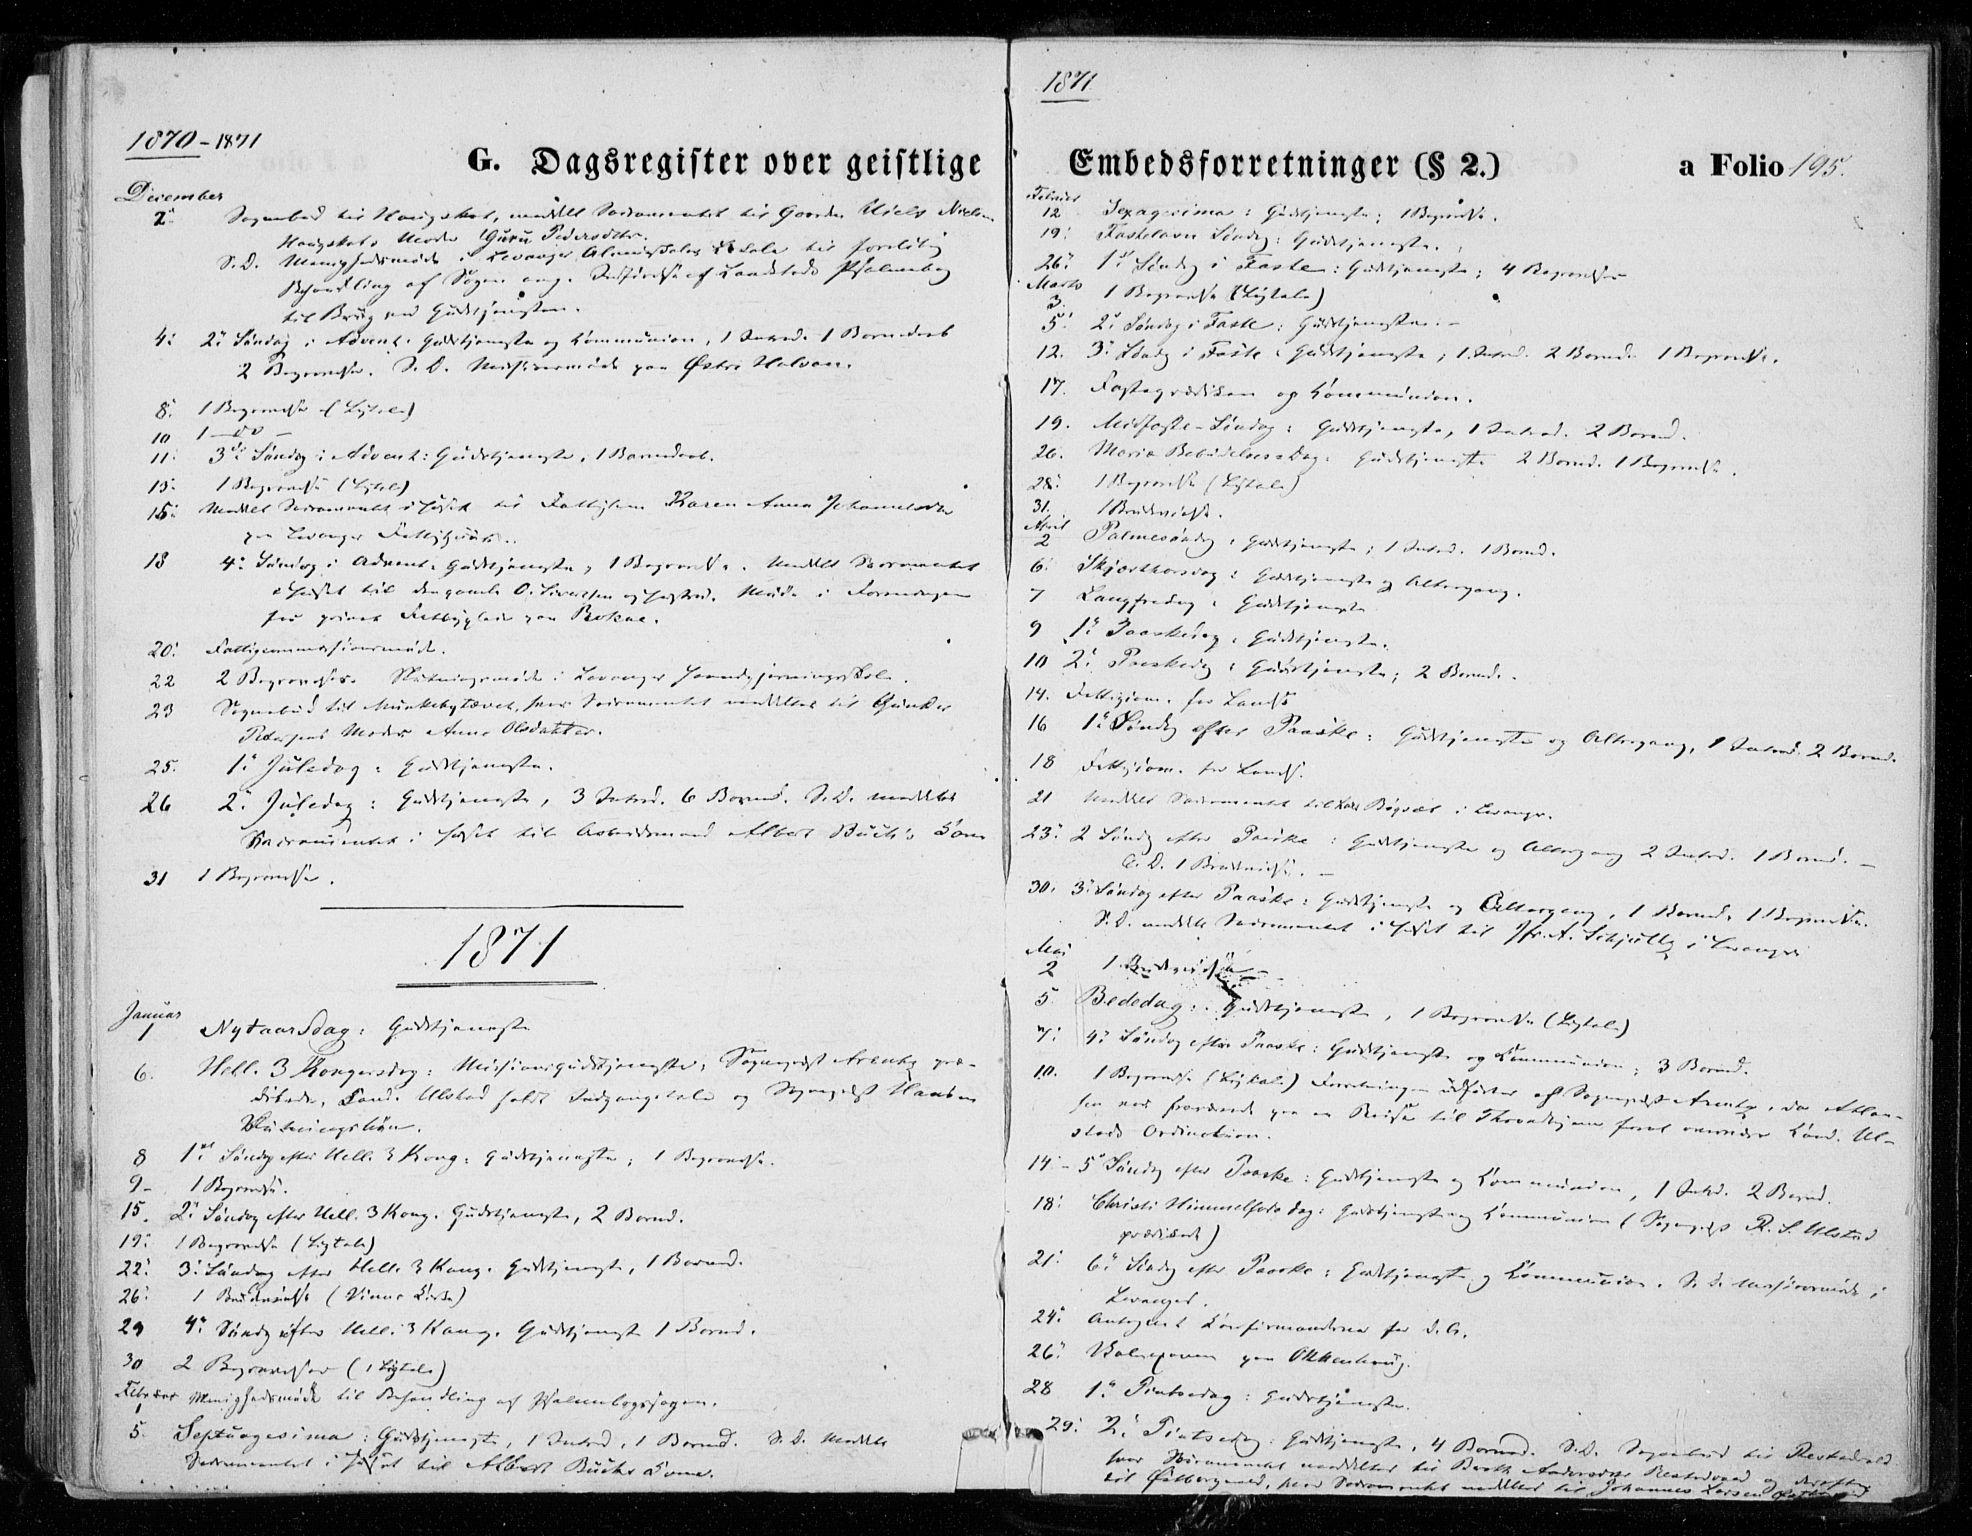 SAT, Ministerialprotokoller, klokkerbøker og fødselsregistre - Nord-Trøndelag, 721/L0206: Ministerialbok nr. 721A01, 1864-1874, s. 195